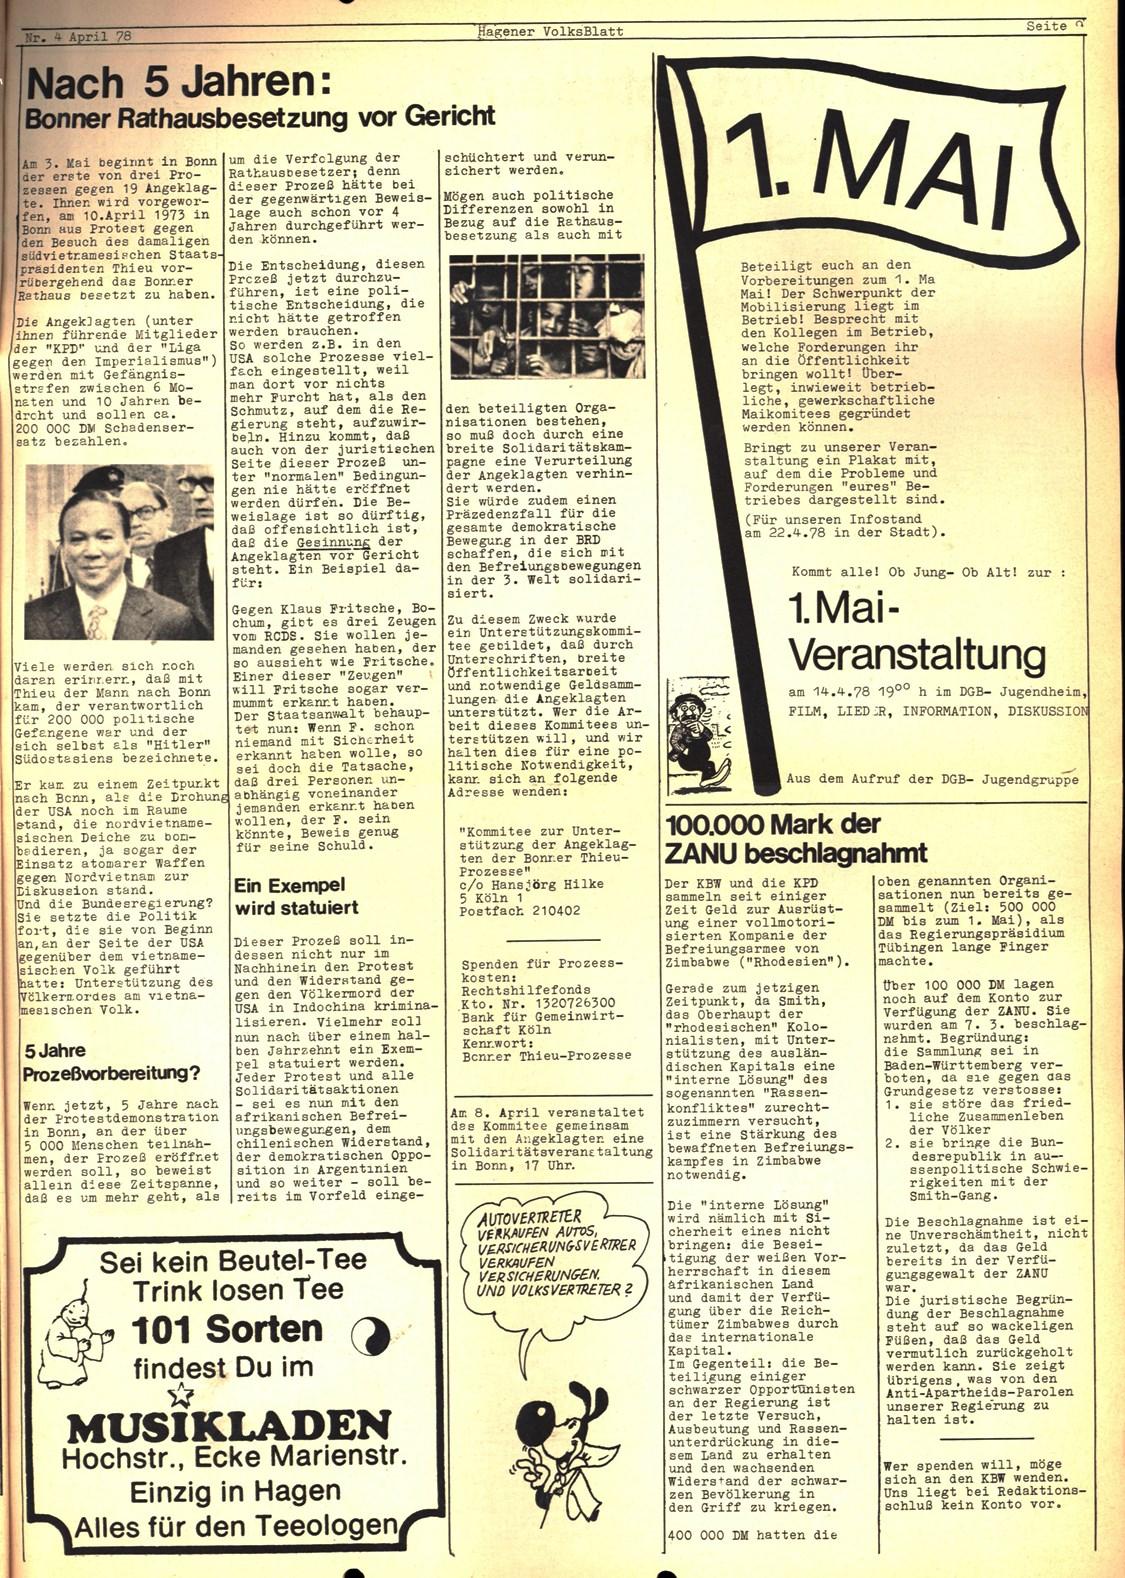 Hagen_Volksblatt_19780400_09